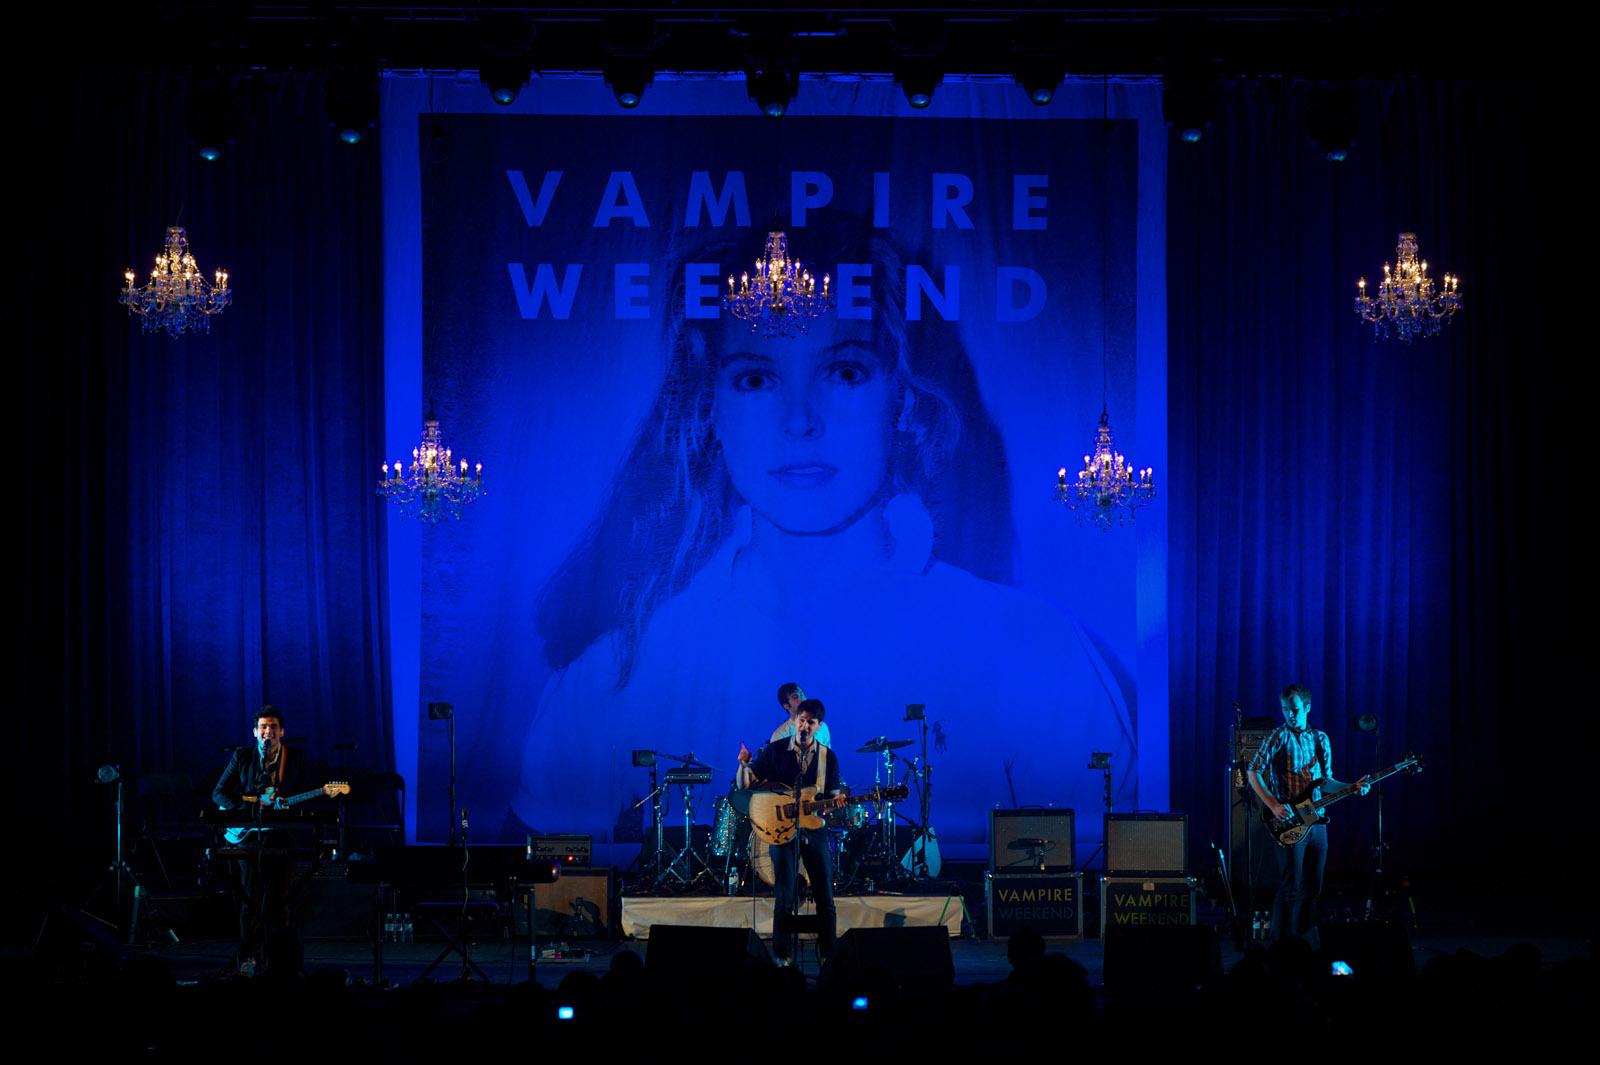 Vampire Weekend, London, 2010